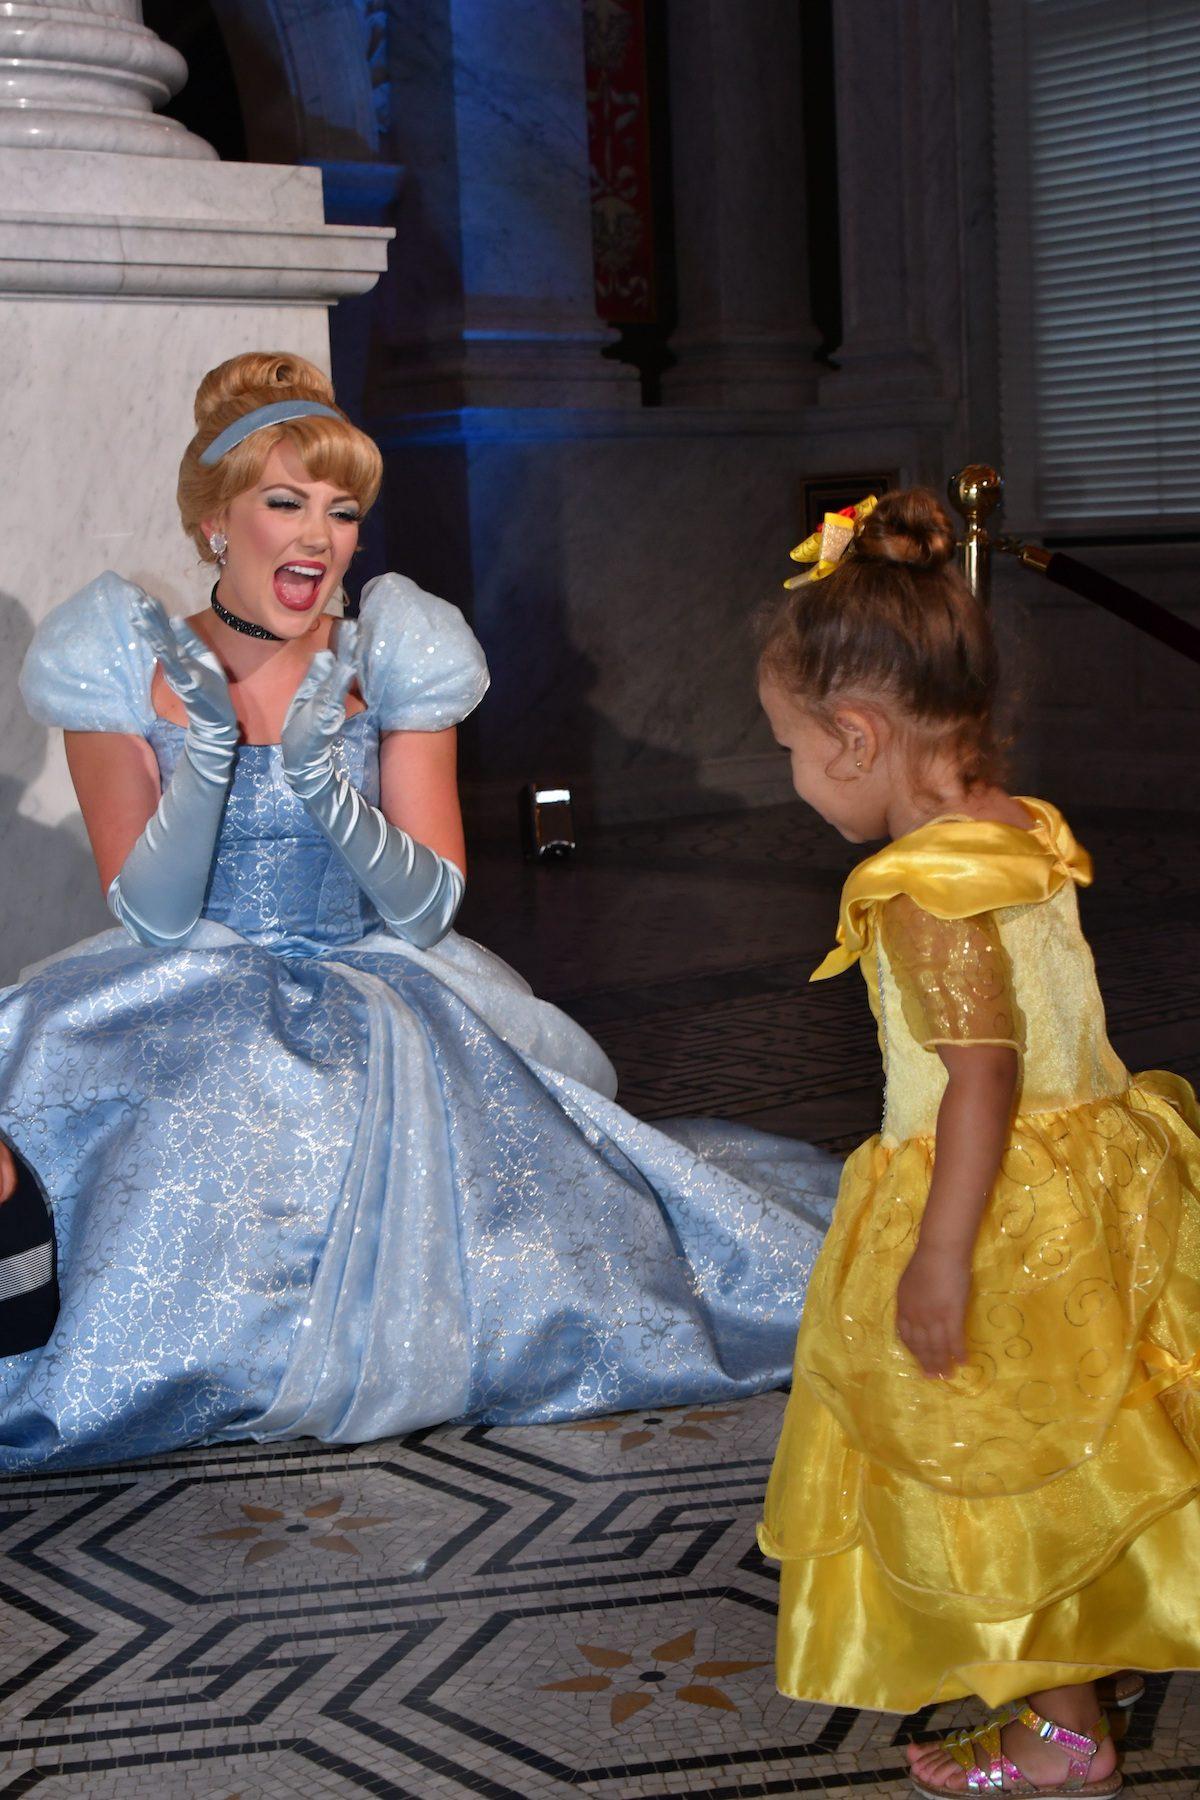 Costumed Cinderella greets a young guest